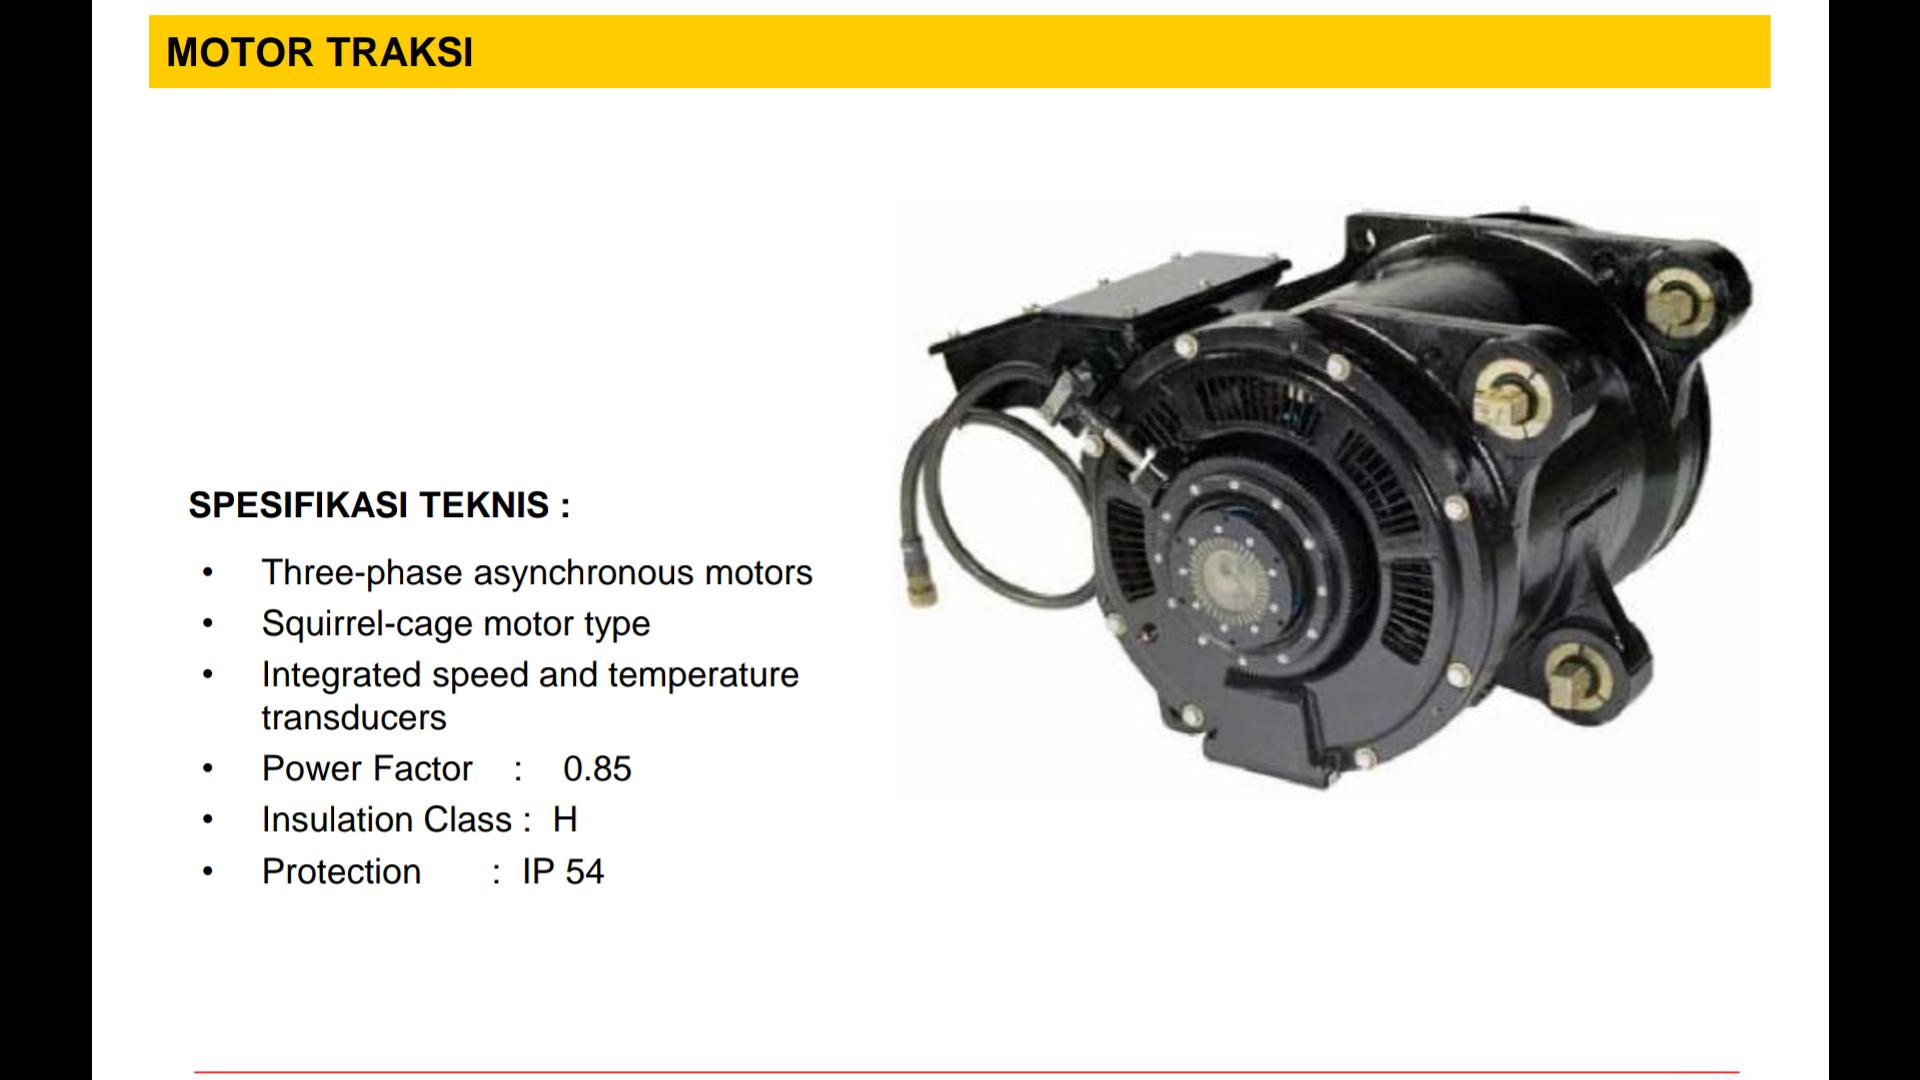 Motor Traksi MITRAC DR1500│ Sumber : PT INKA